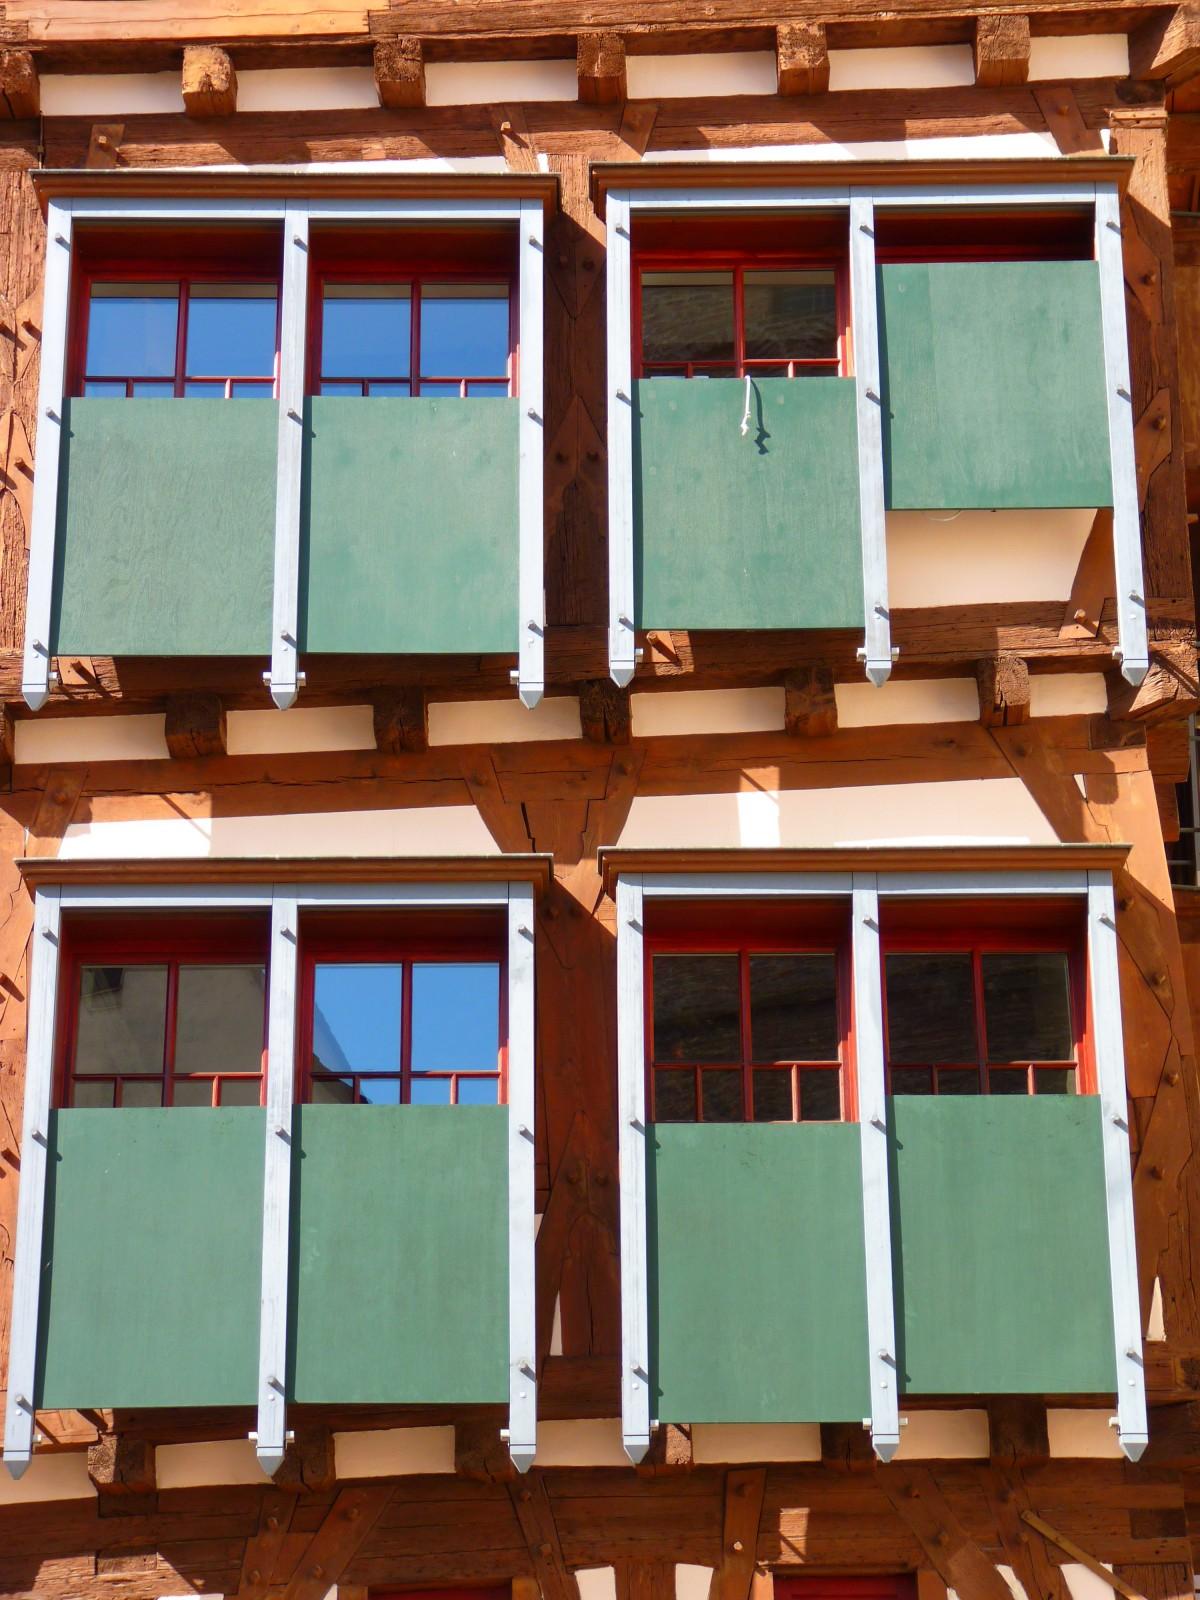 무료 이미지 : 식물, 목재, 창문, 집, 벽, 발코니, 창틀, 바구니 ...